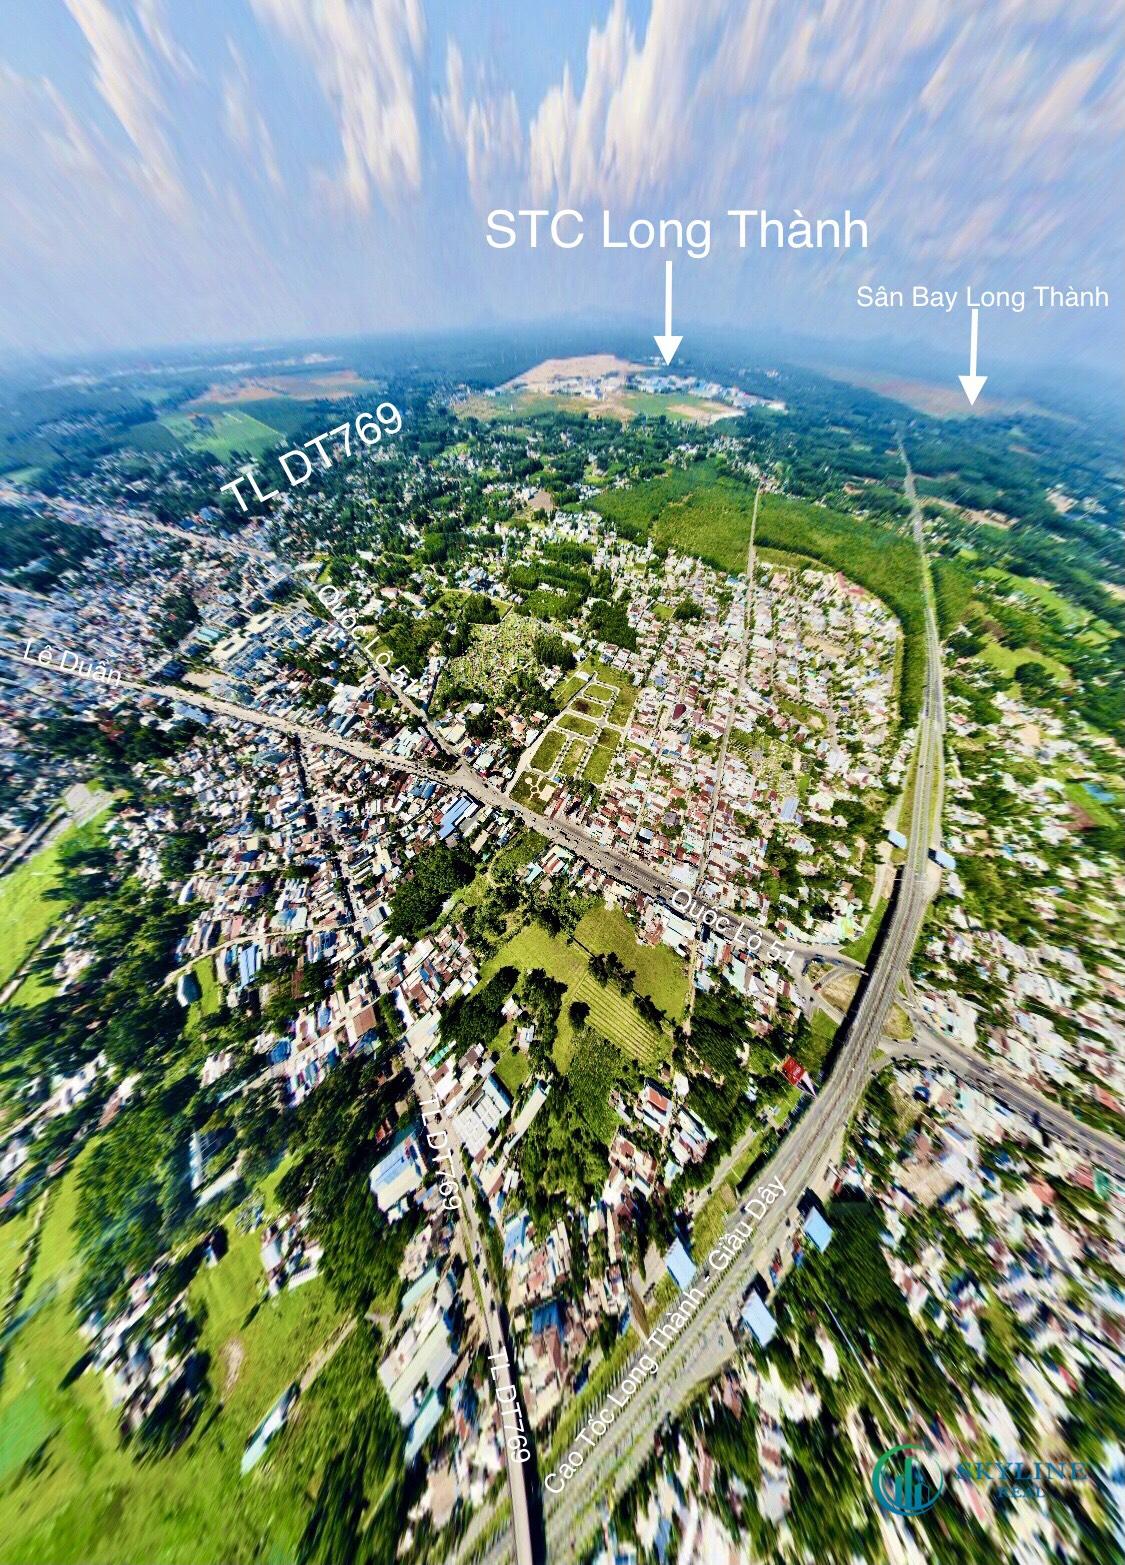 Sân bya Long Thành là tiềm năng đối với dự án KĐT STC Long Thành